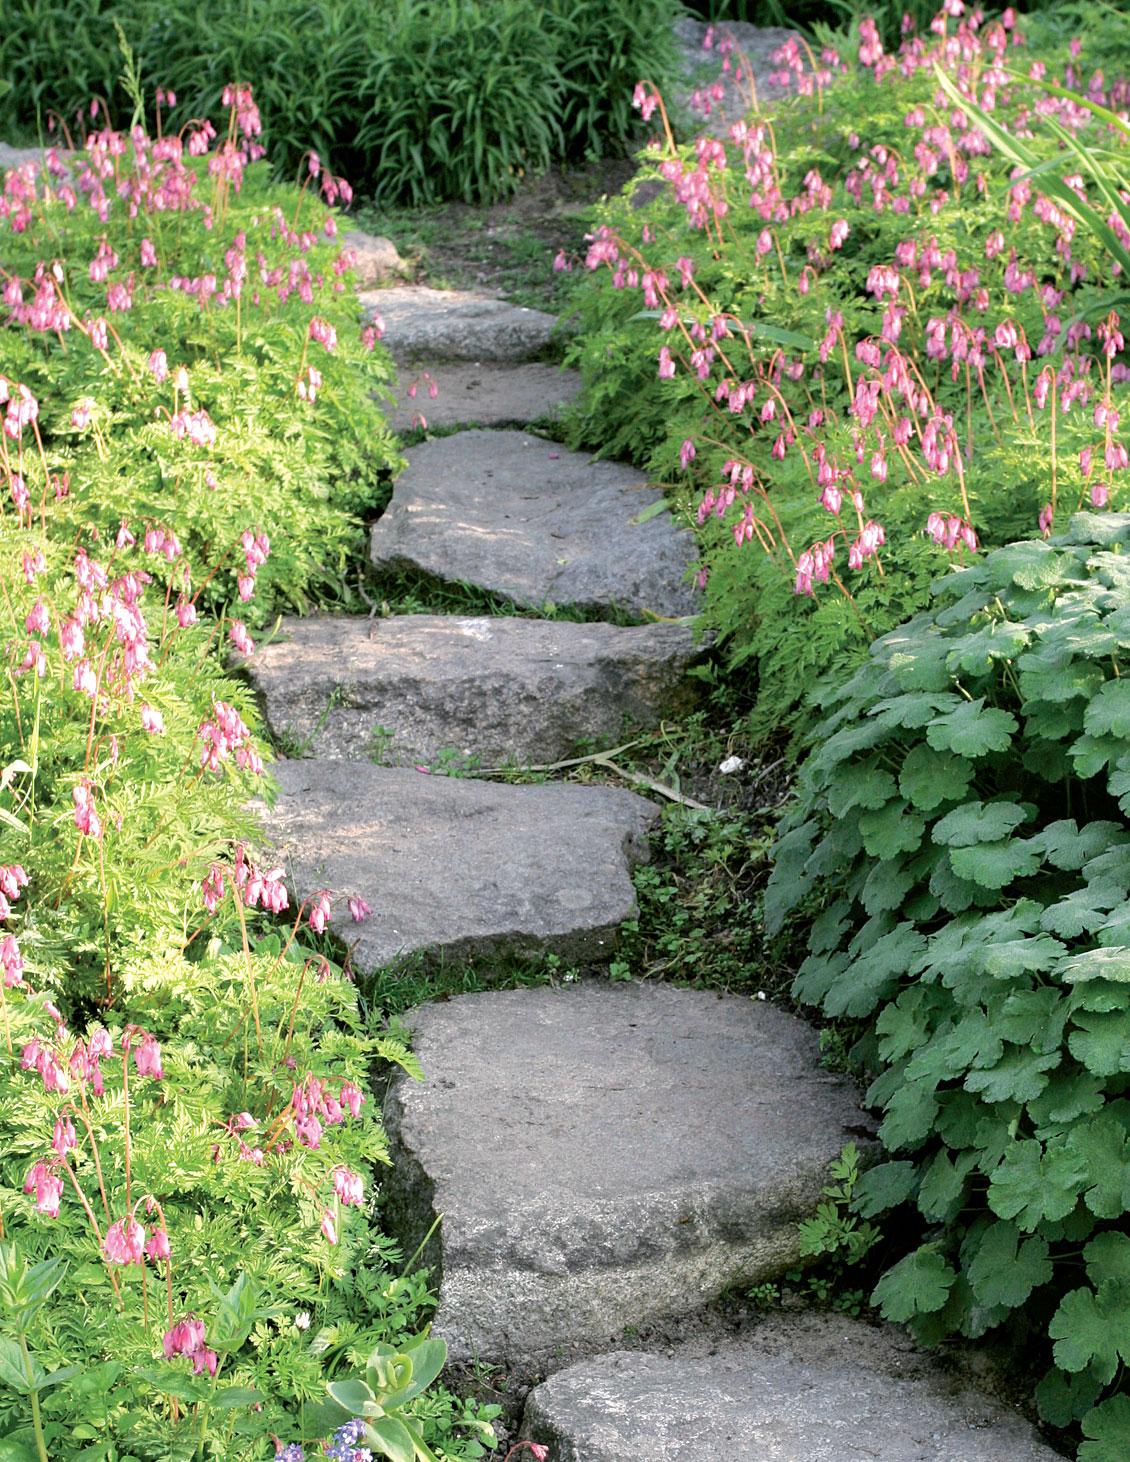 Keskenään lähes samankokoisista luonnonkivistä rakennettu polku kulkee kesäpikkusydämien (Dicentra formosa) keskellä loivassa rinteessä.